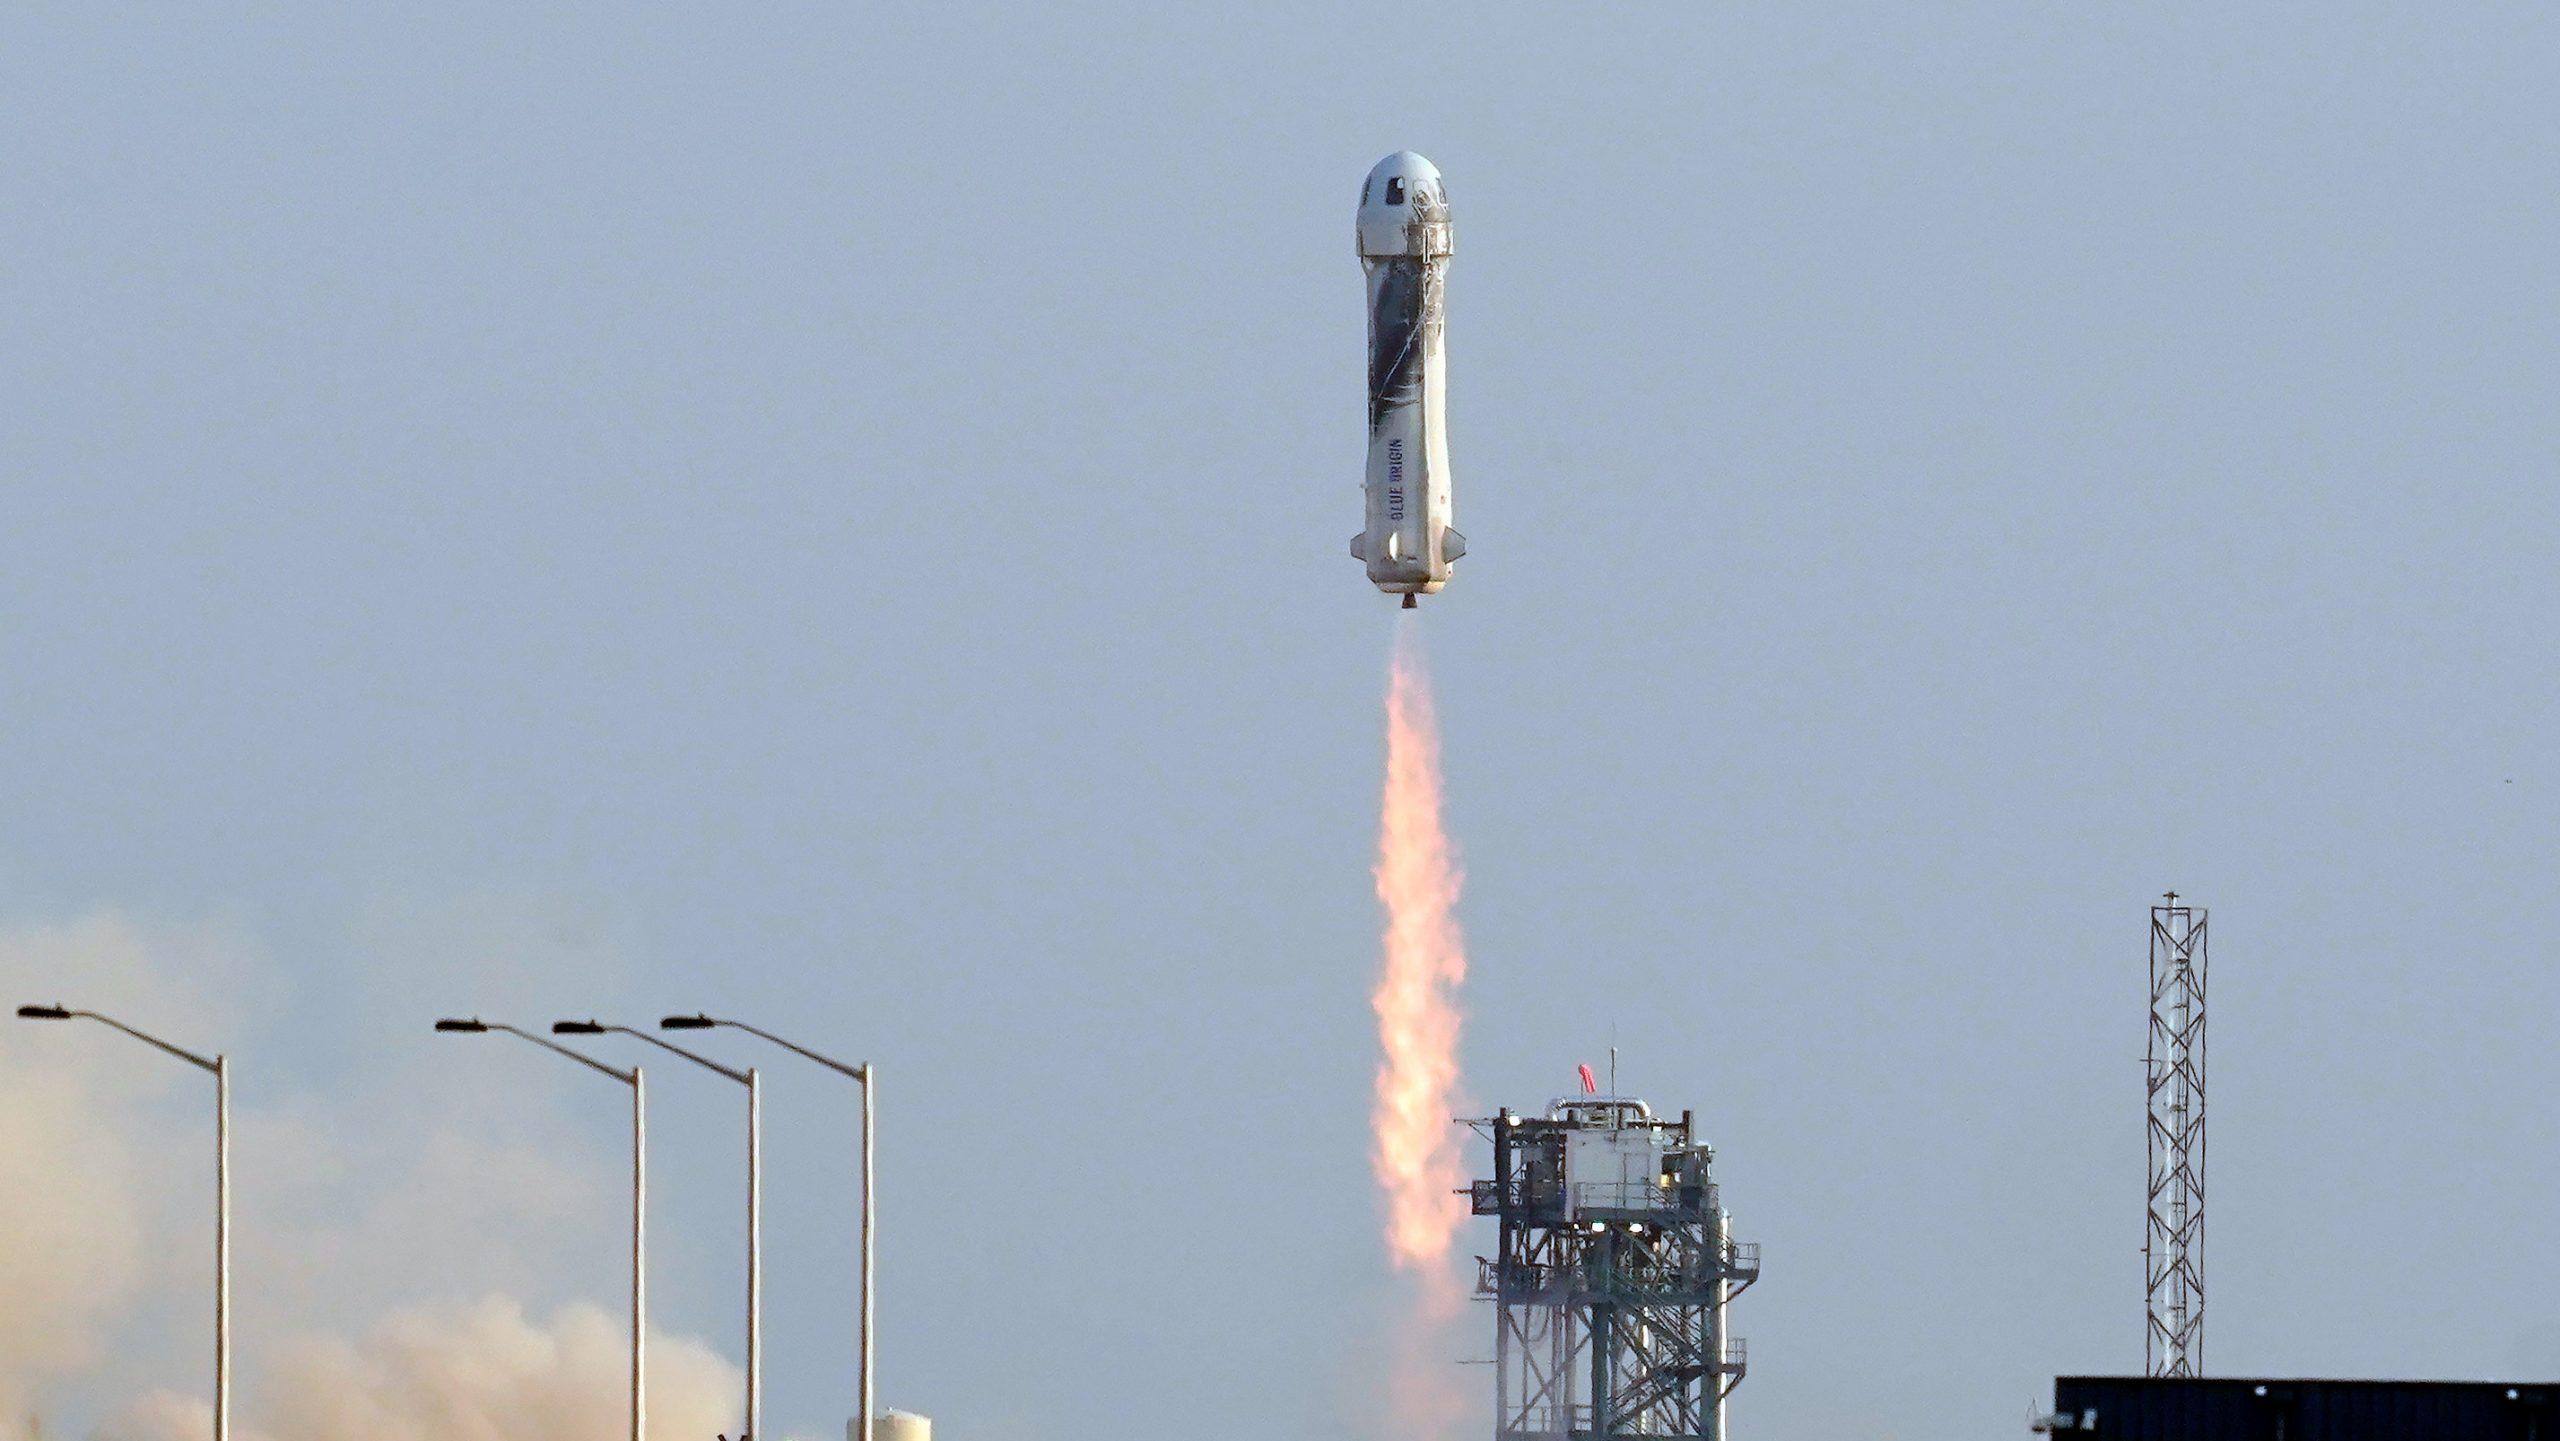 アマゾン創業者も宇宙へ、ブルーオリジンが商業宇宙旅行に成功